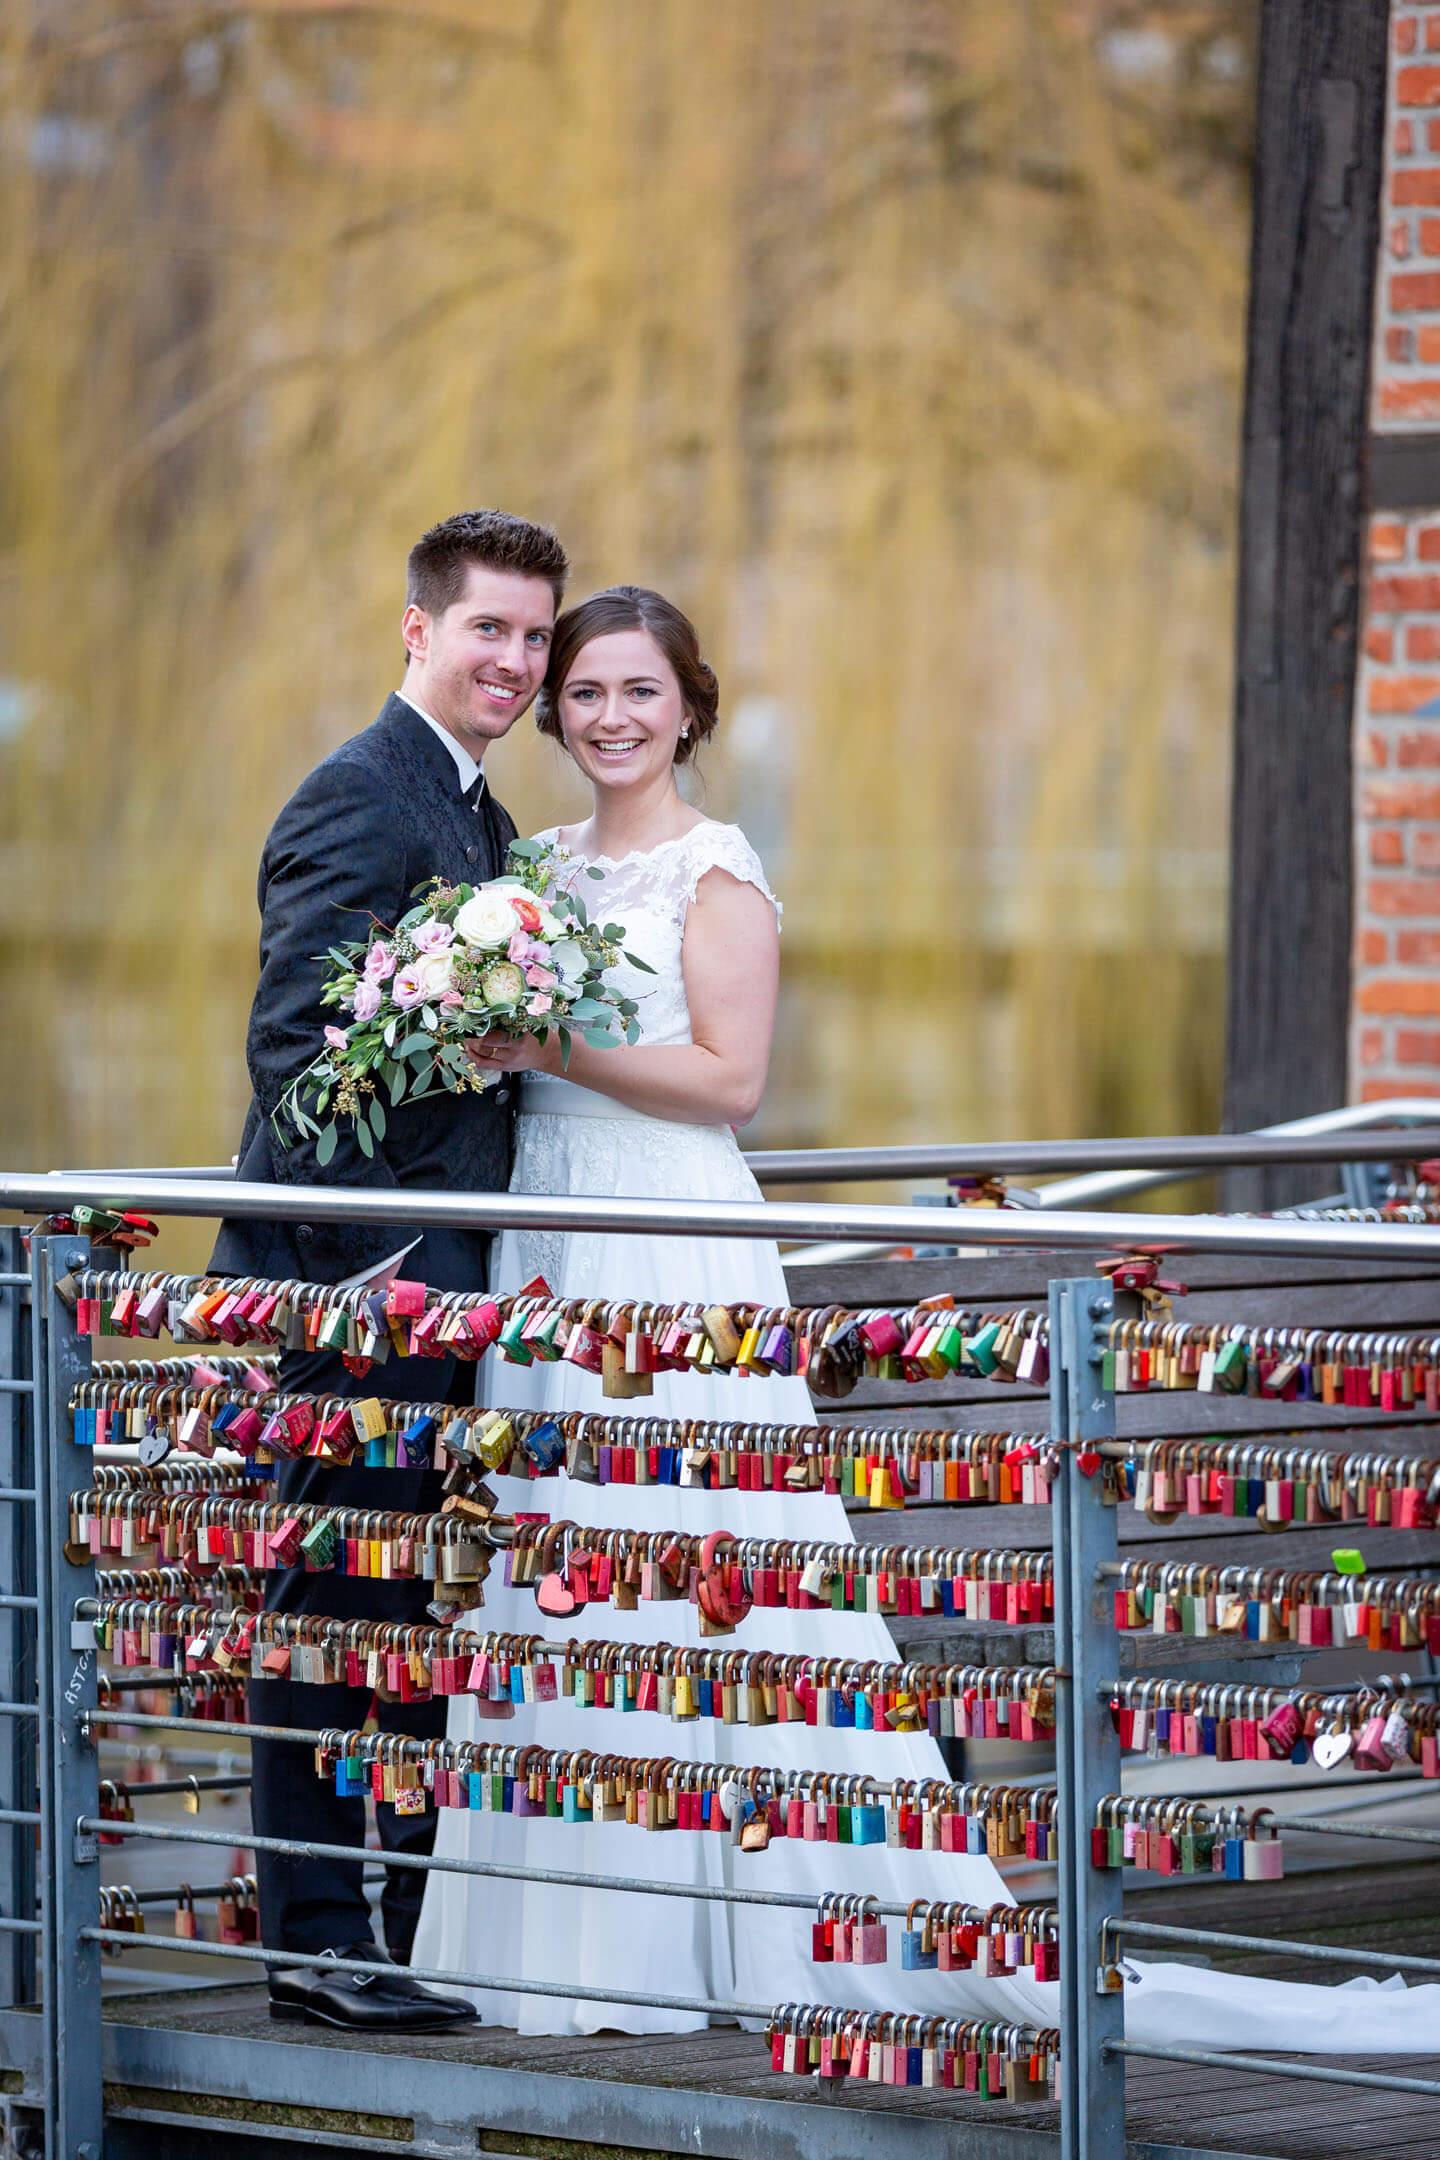 Hochzeitsfotos in der Altstadt Lüneburg. Fotografiert von Florian Läufer